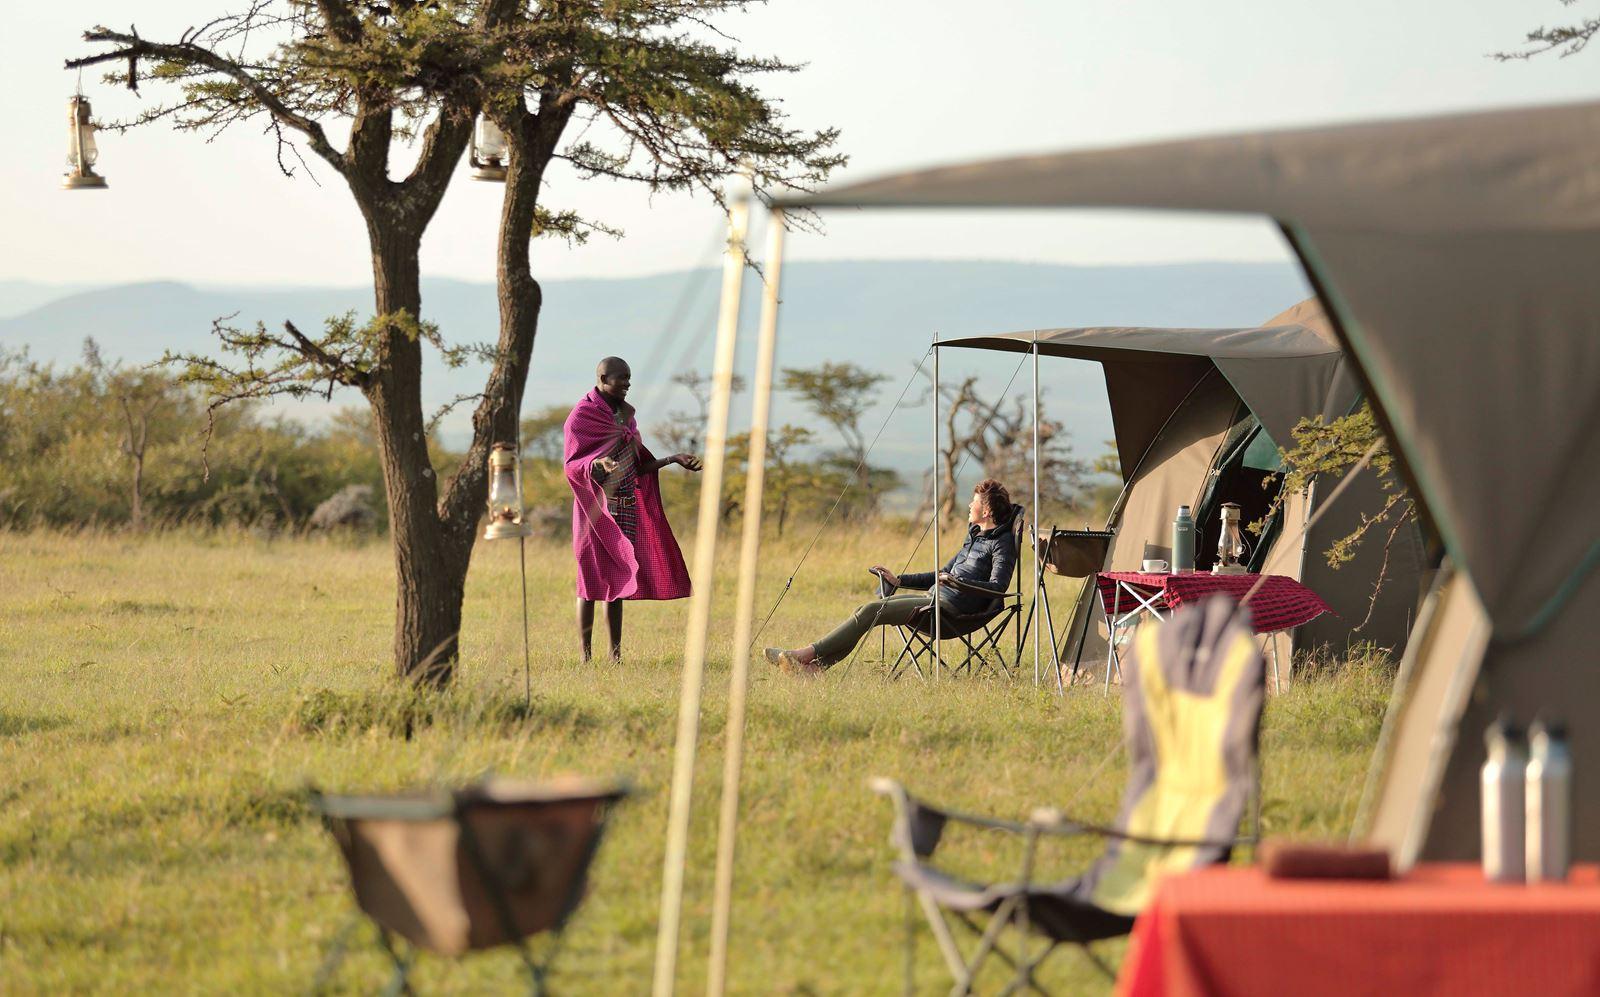 Tanzania Camping Safari To Serengeti and the Ngorongoro Crater 3